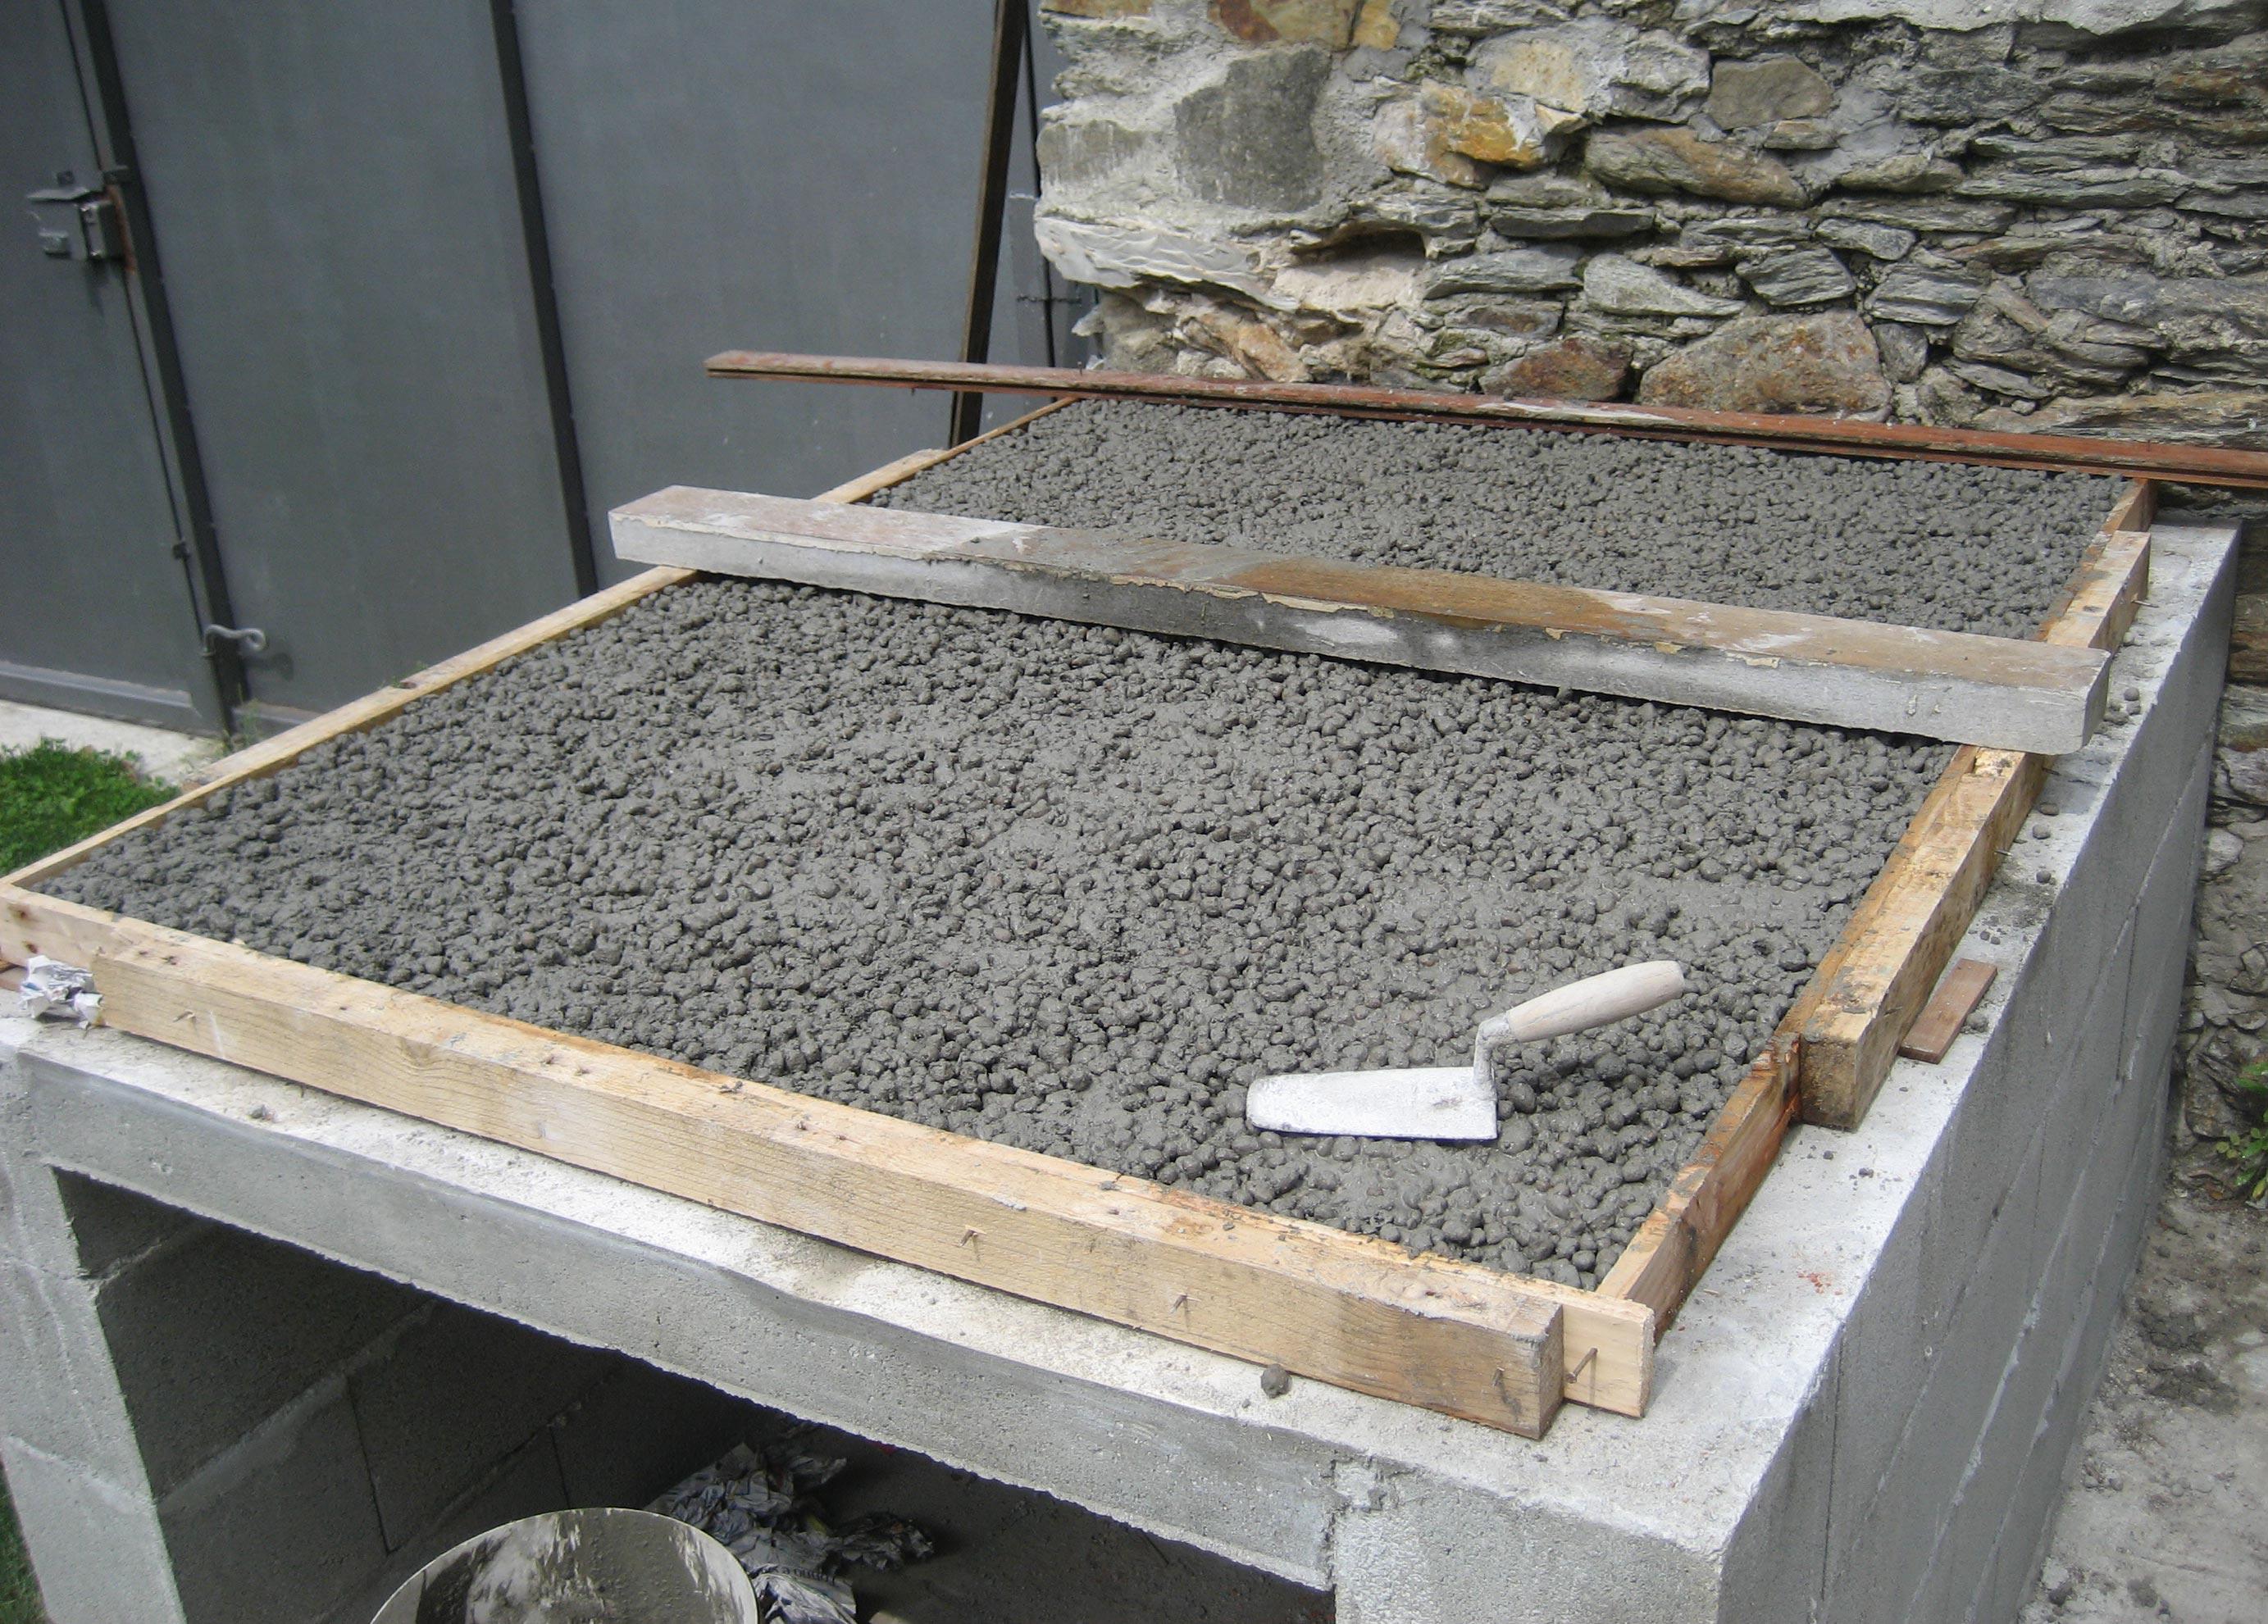 Mattoni refrattari per forno a legna cemento armato - Forno con pietra refrattaria ...